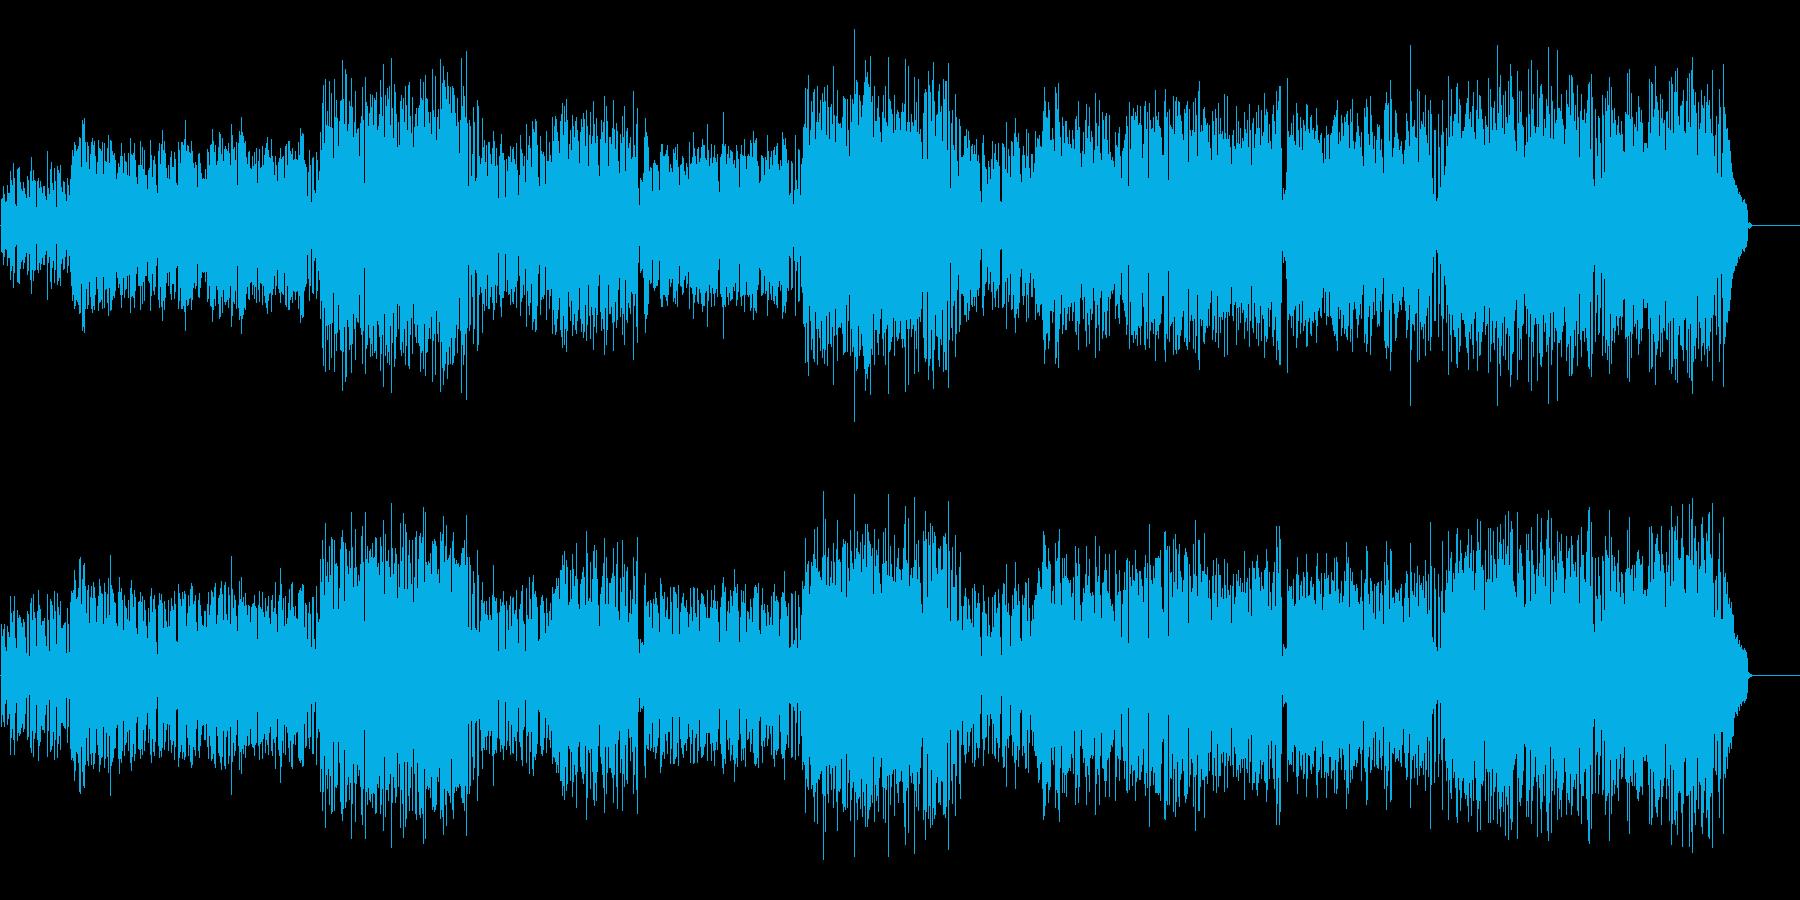 透明感と輝きに満ちた誠実なボサノバの再生済みの波形